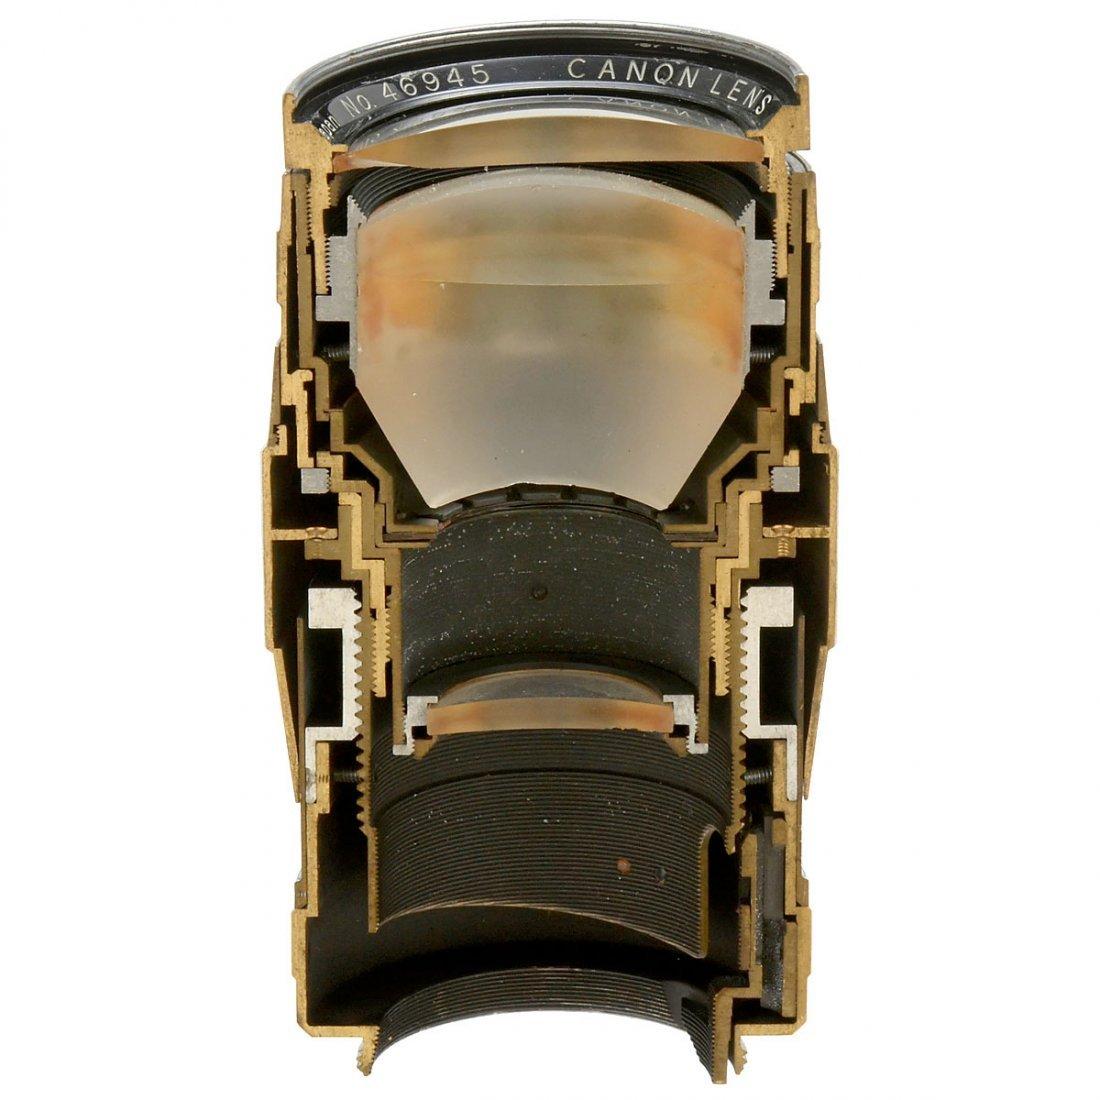 Canon Lens Cutaway Model